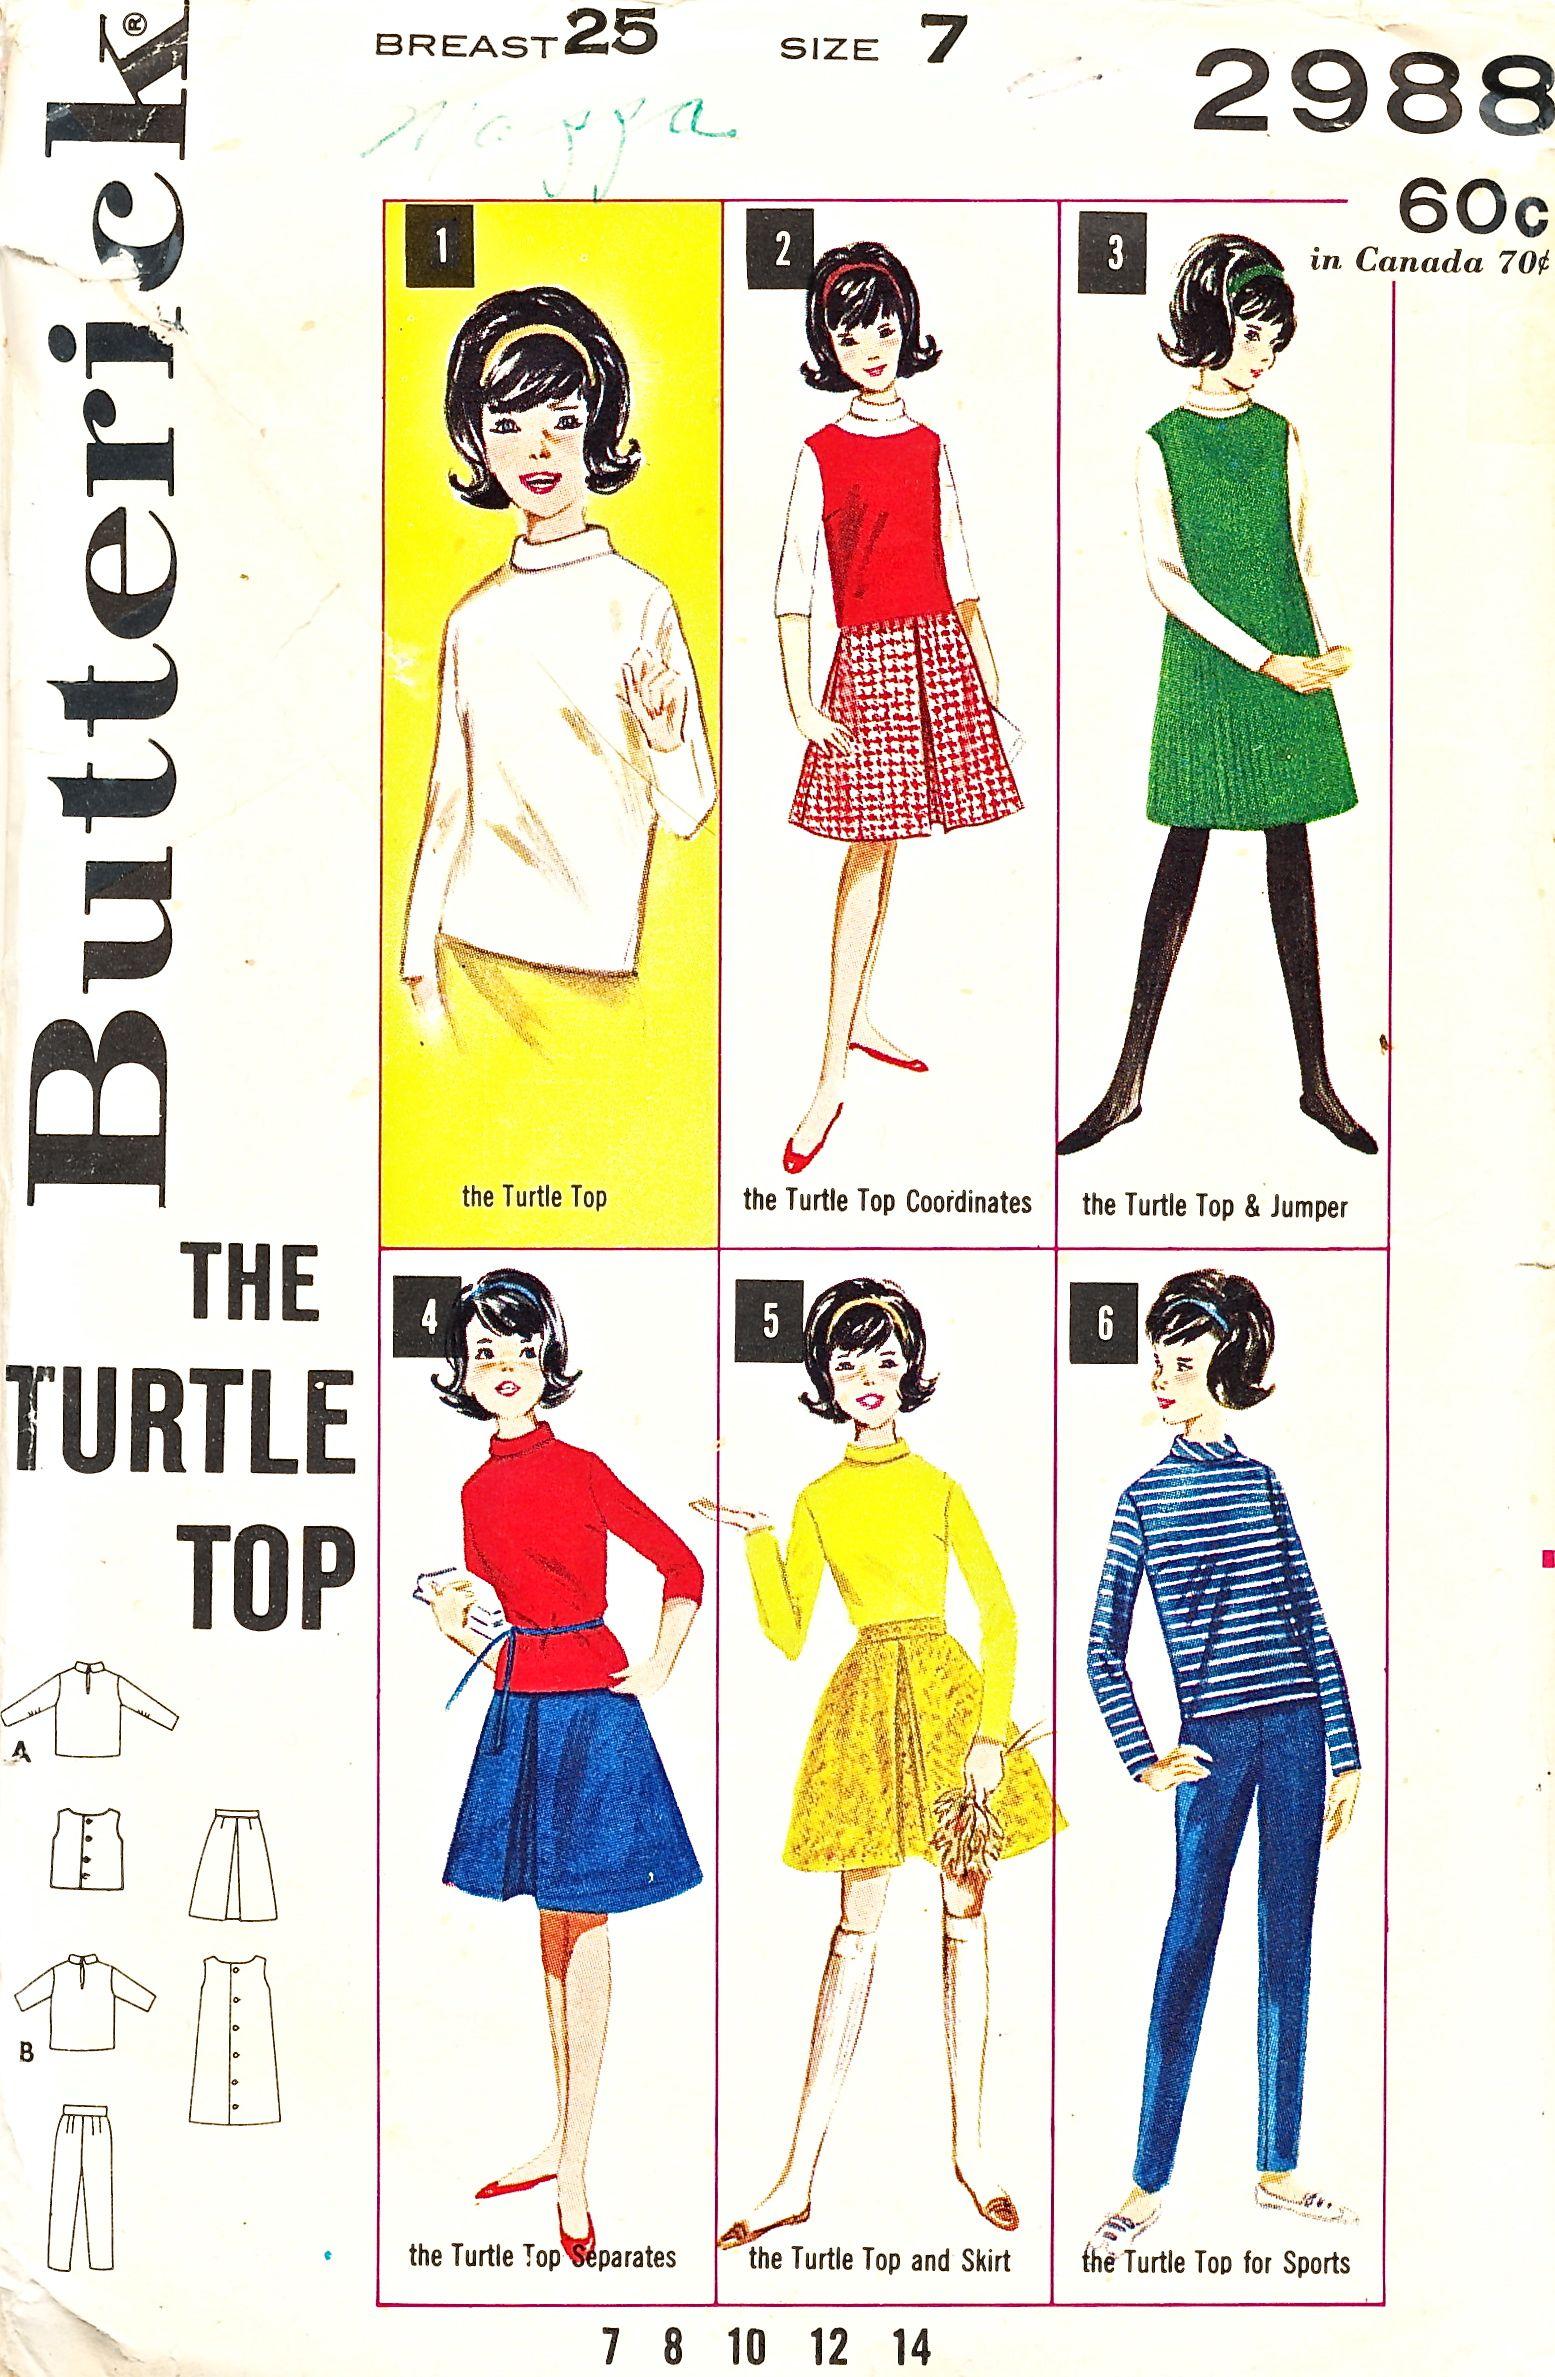 Butterick 2988